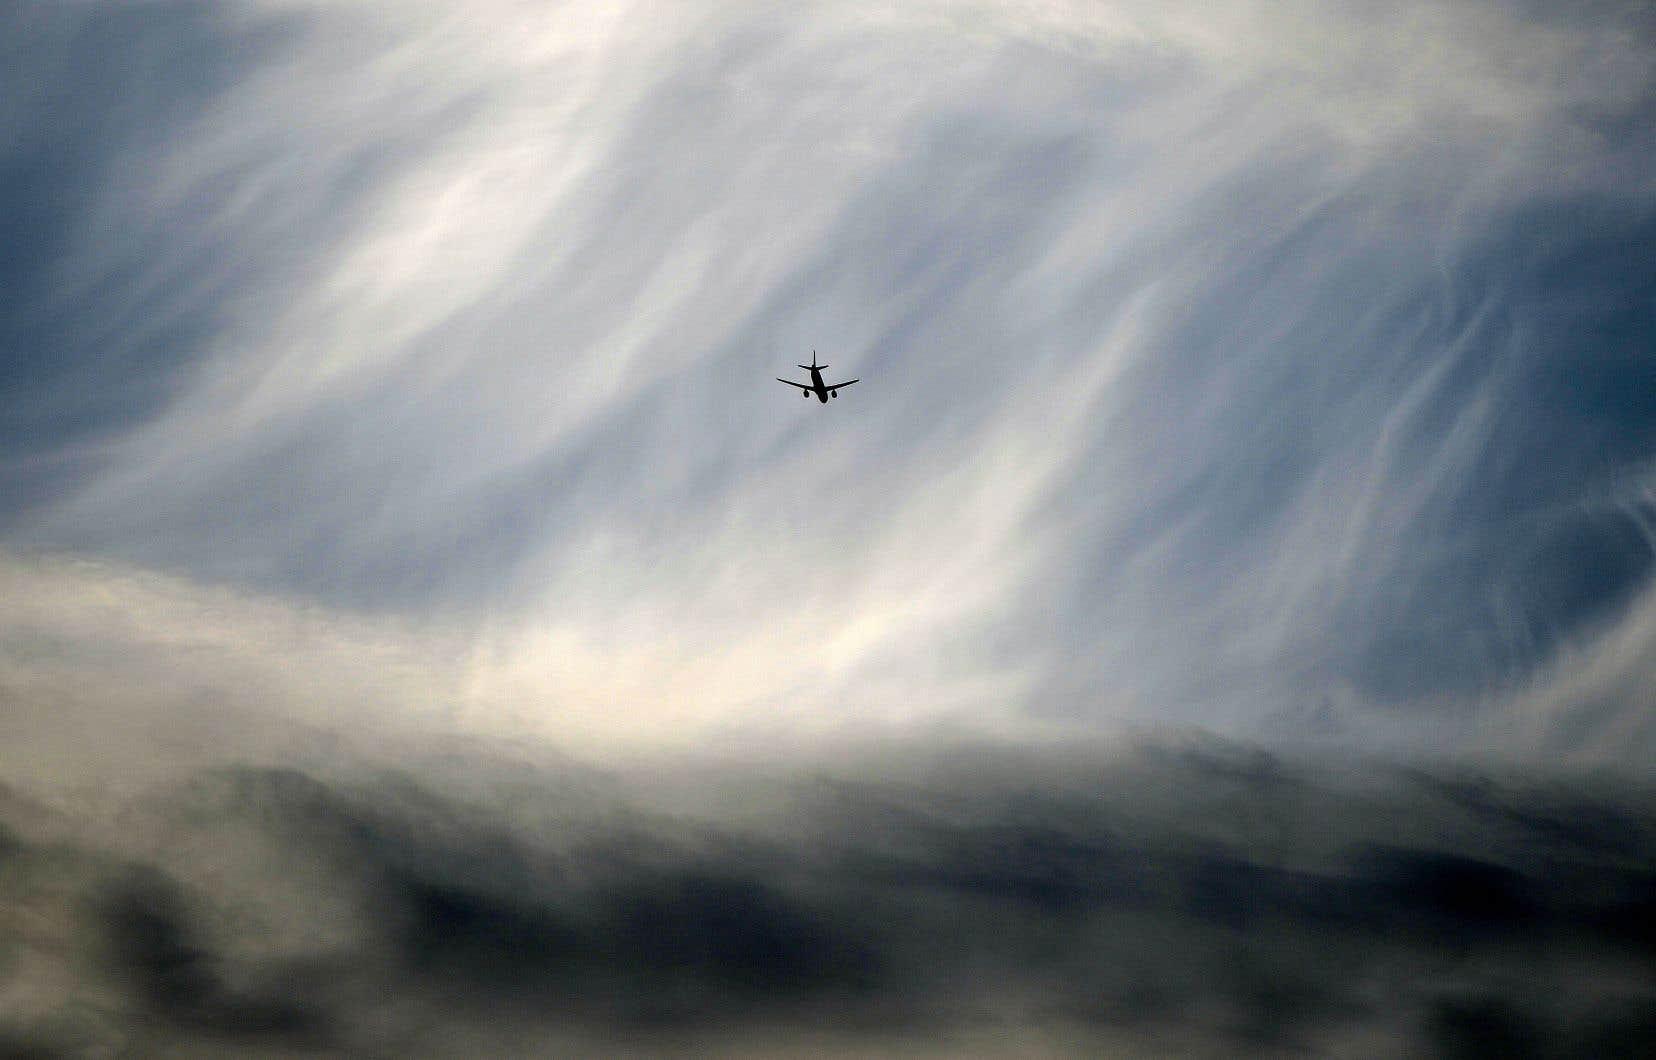 Les avionneurs devront repenser leurs appareils pour tenir compte des conséquences des changements climatiques.